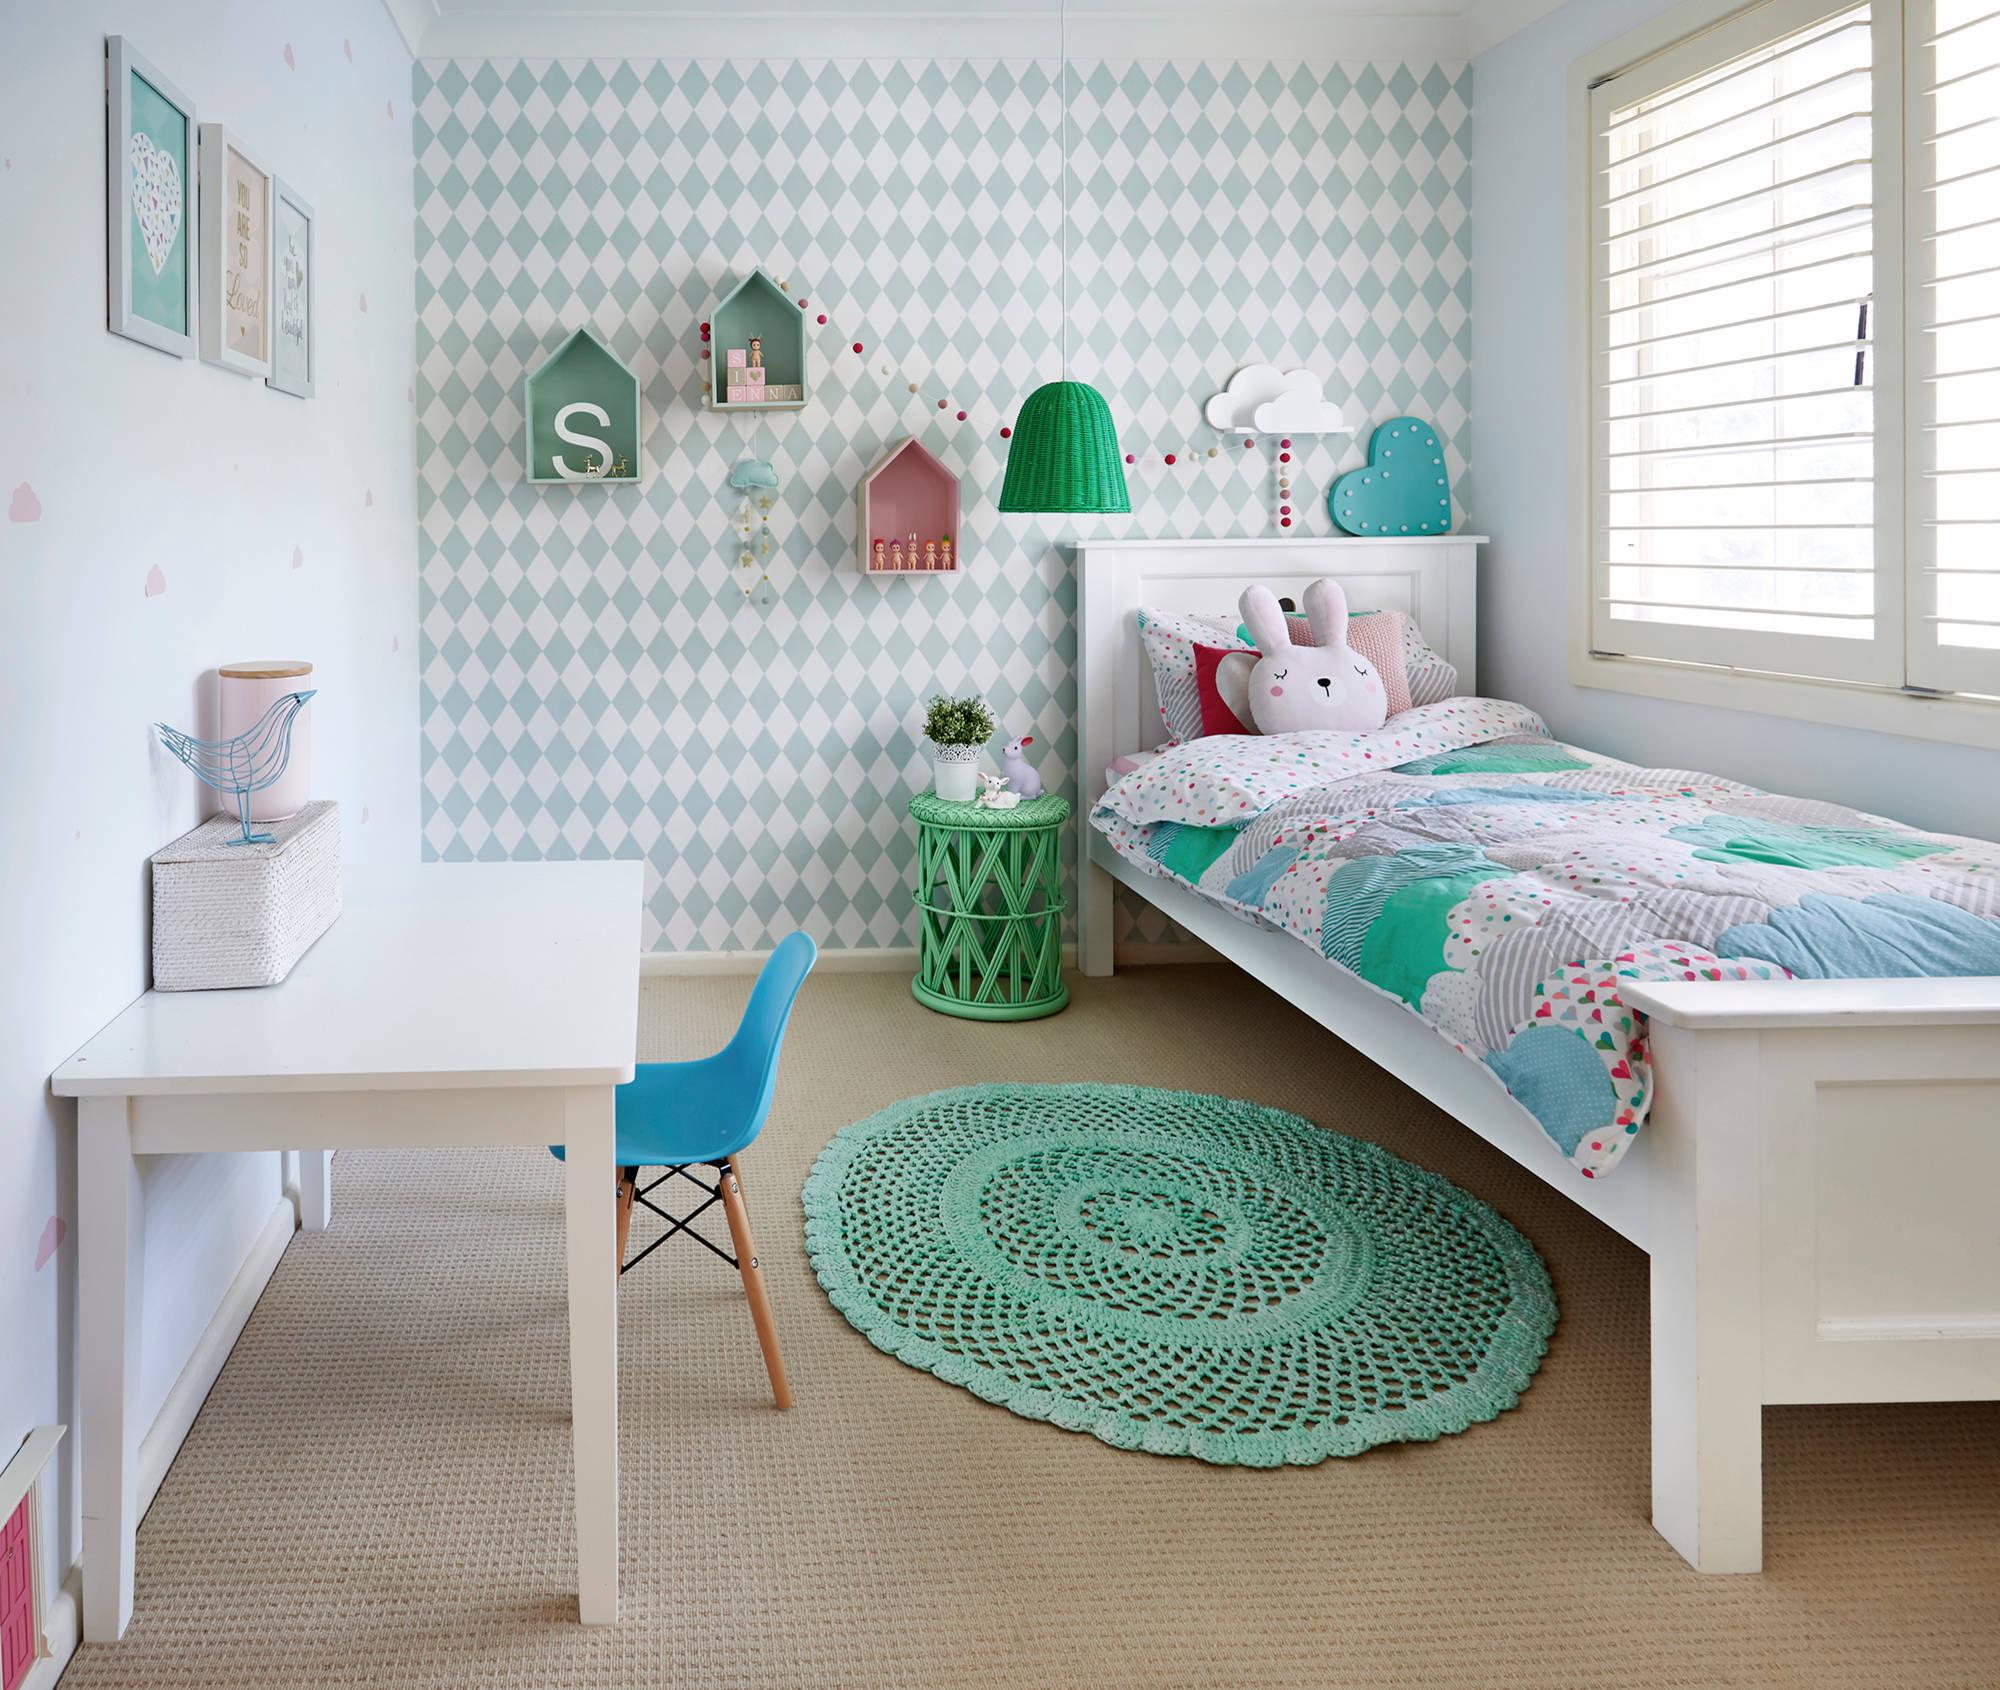 Modern Kız Çocuğu Odası Tasarımı